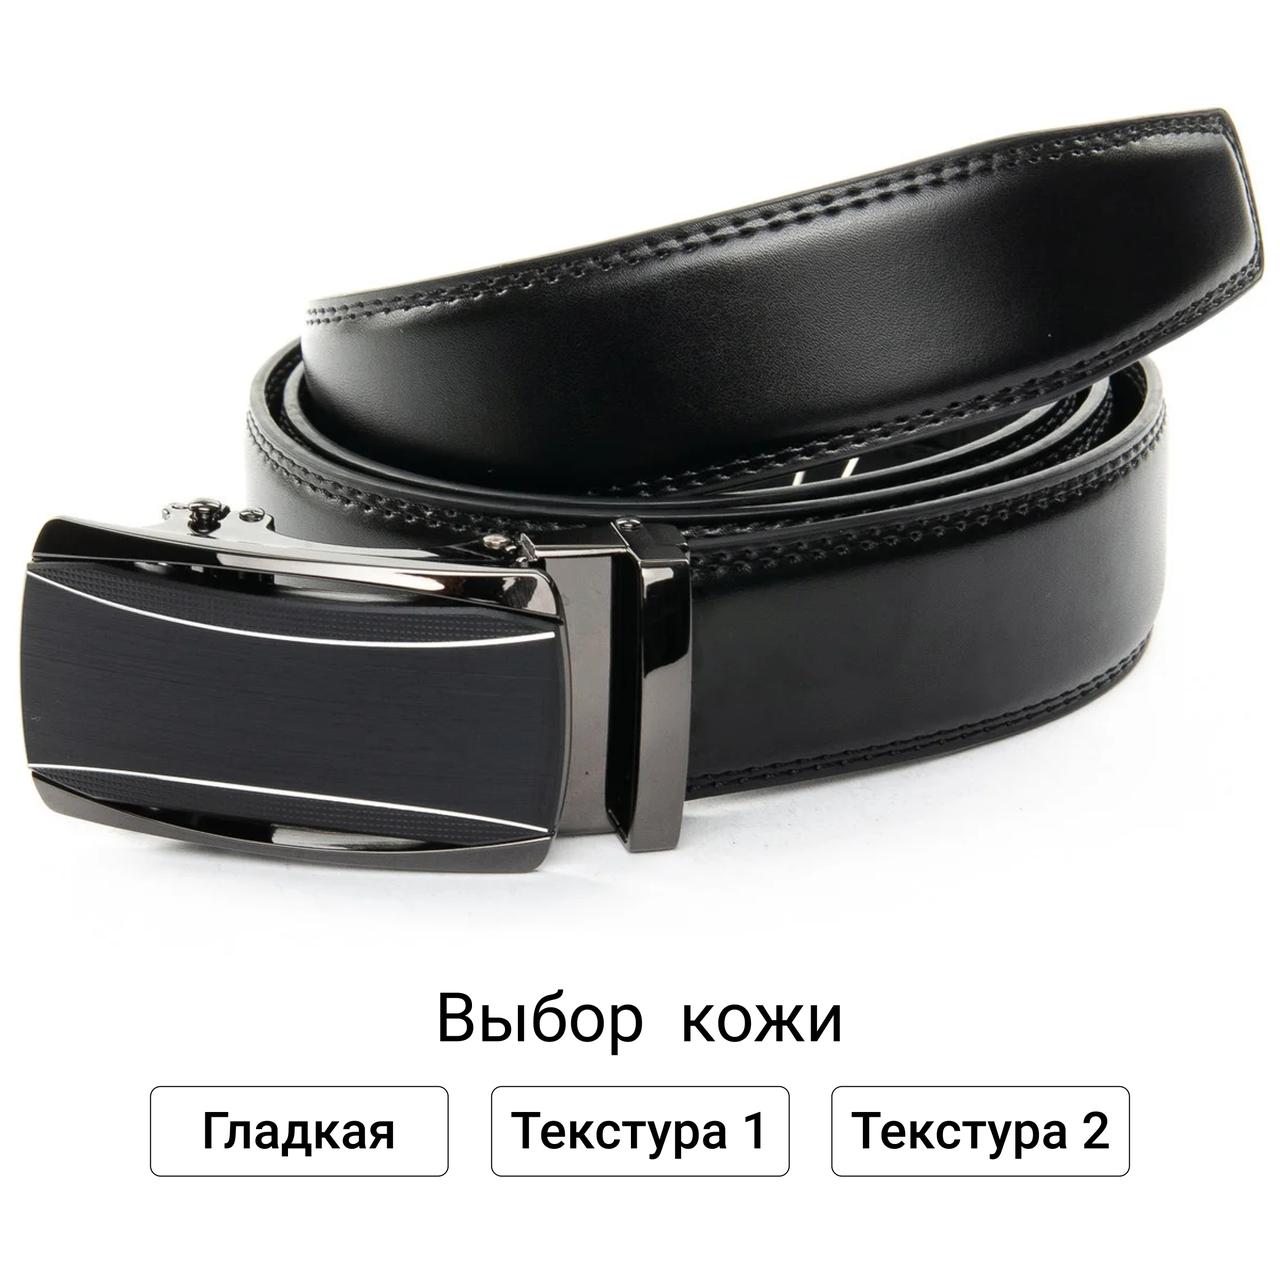 Мужской кожаный ремень с пряжкой автомат черный 3606